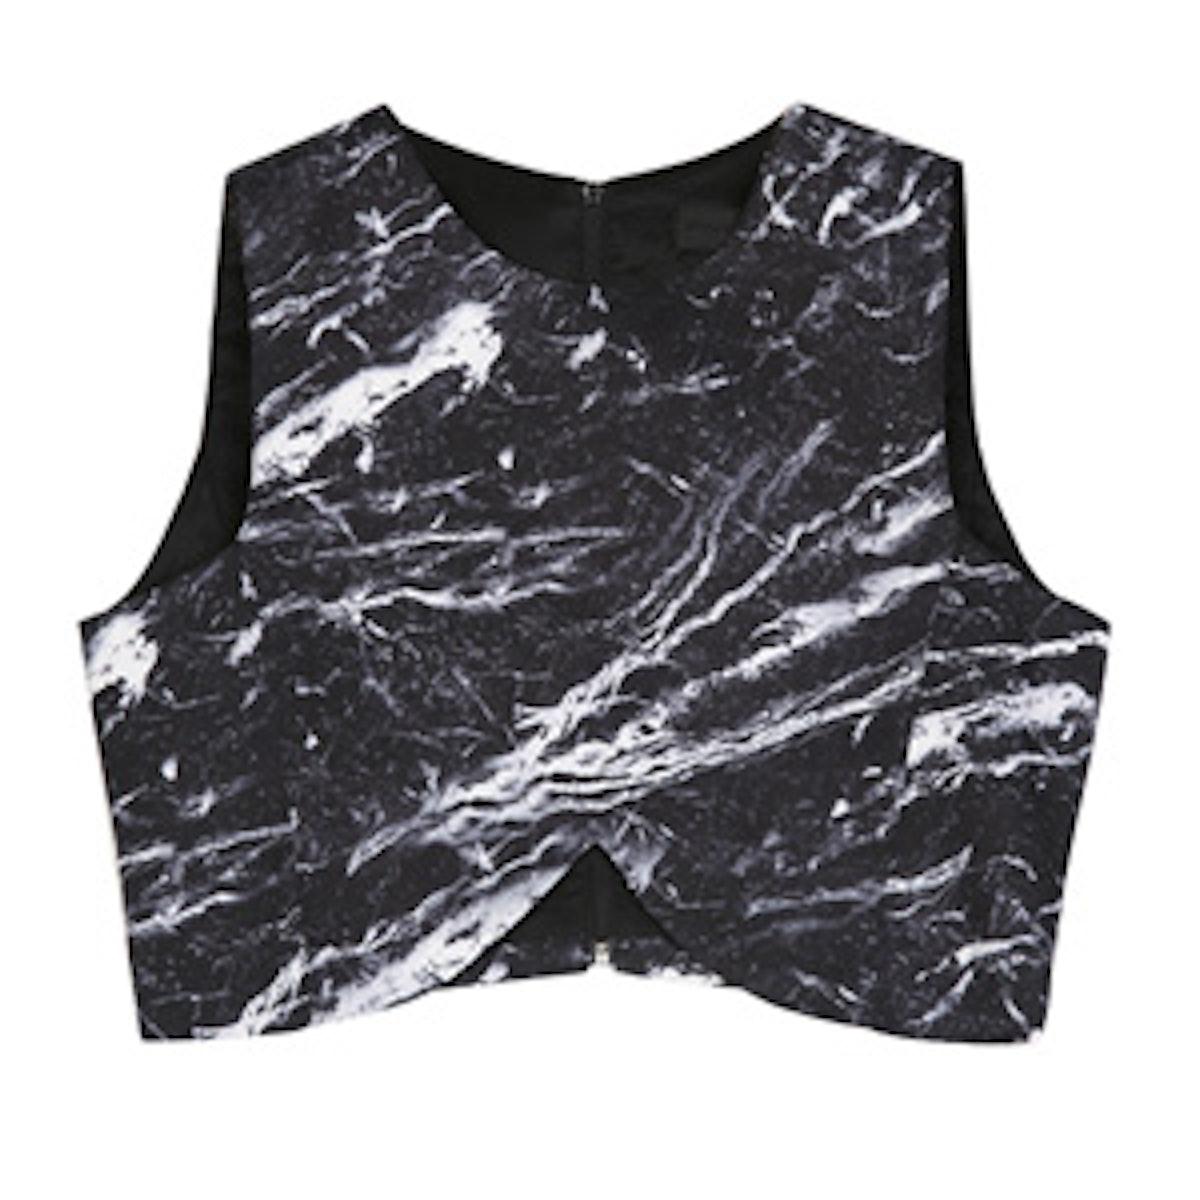 Marble Print Crop Top